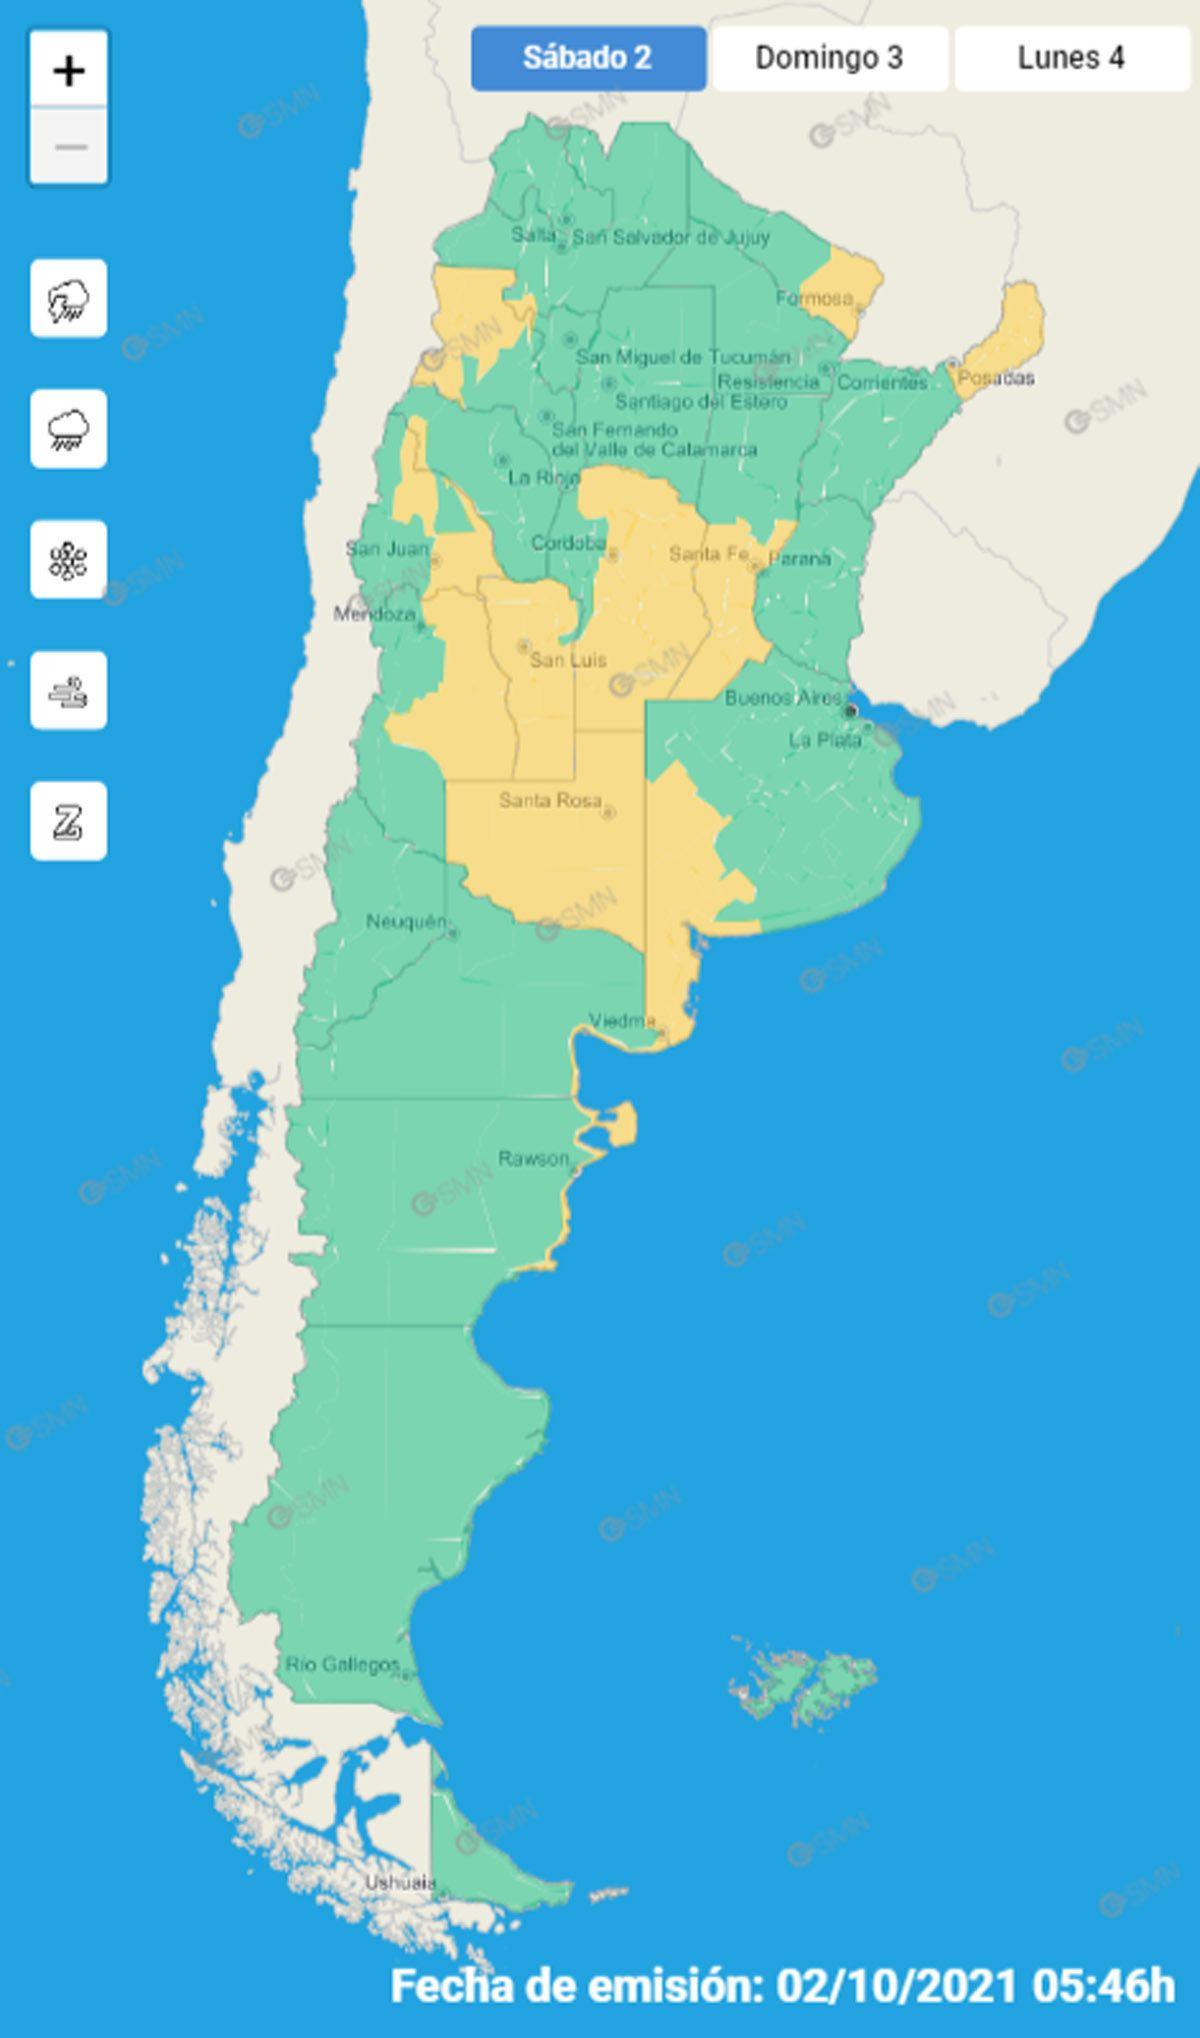 El mapa de alertas tempranas del SMN para este sábado 2 de octubre.